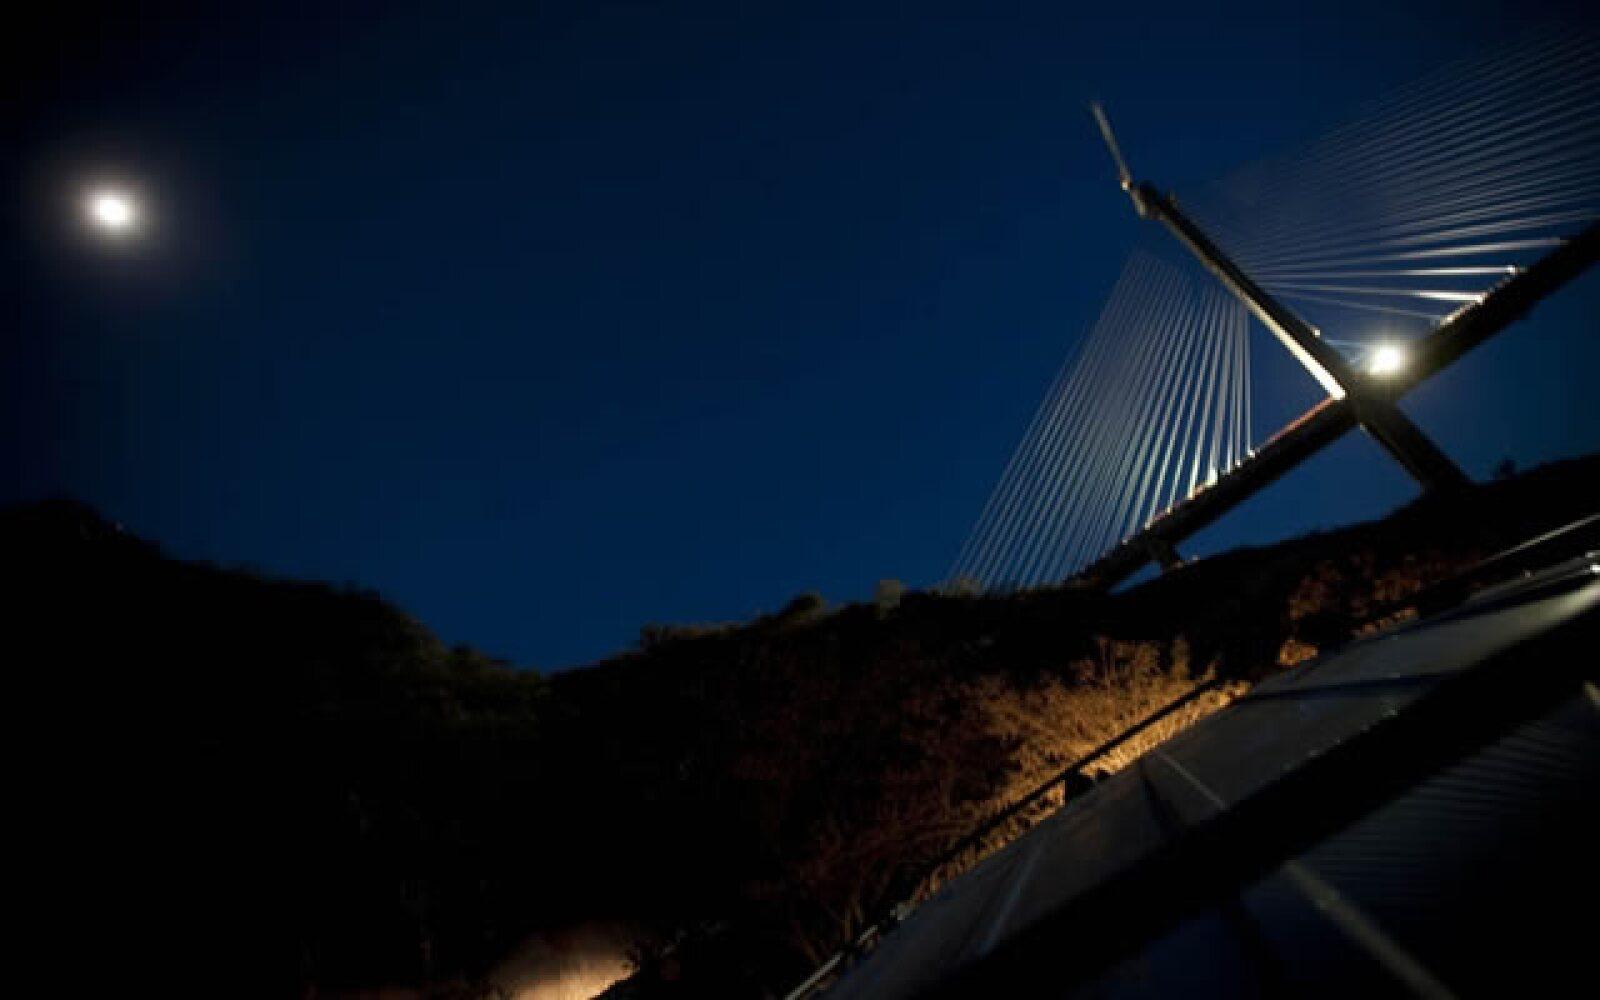 El puente cuenta con una longitud total de 1,124 metros, y un largo central de 50 metros.